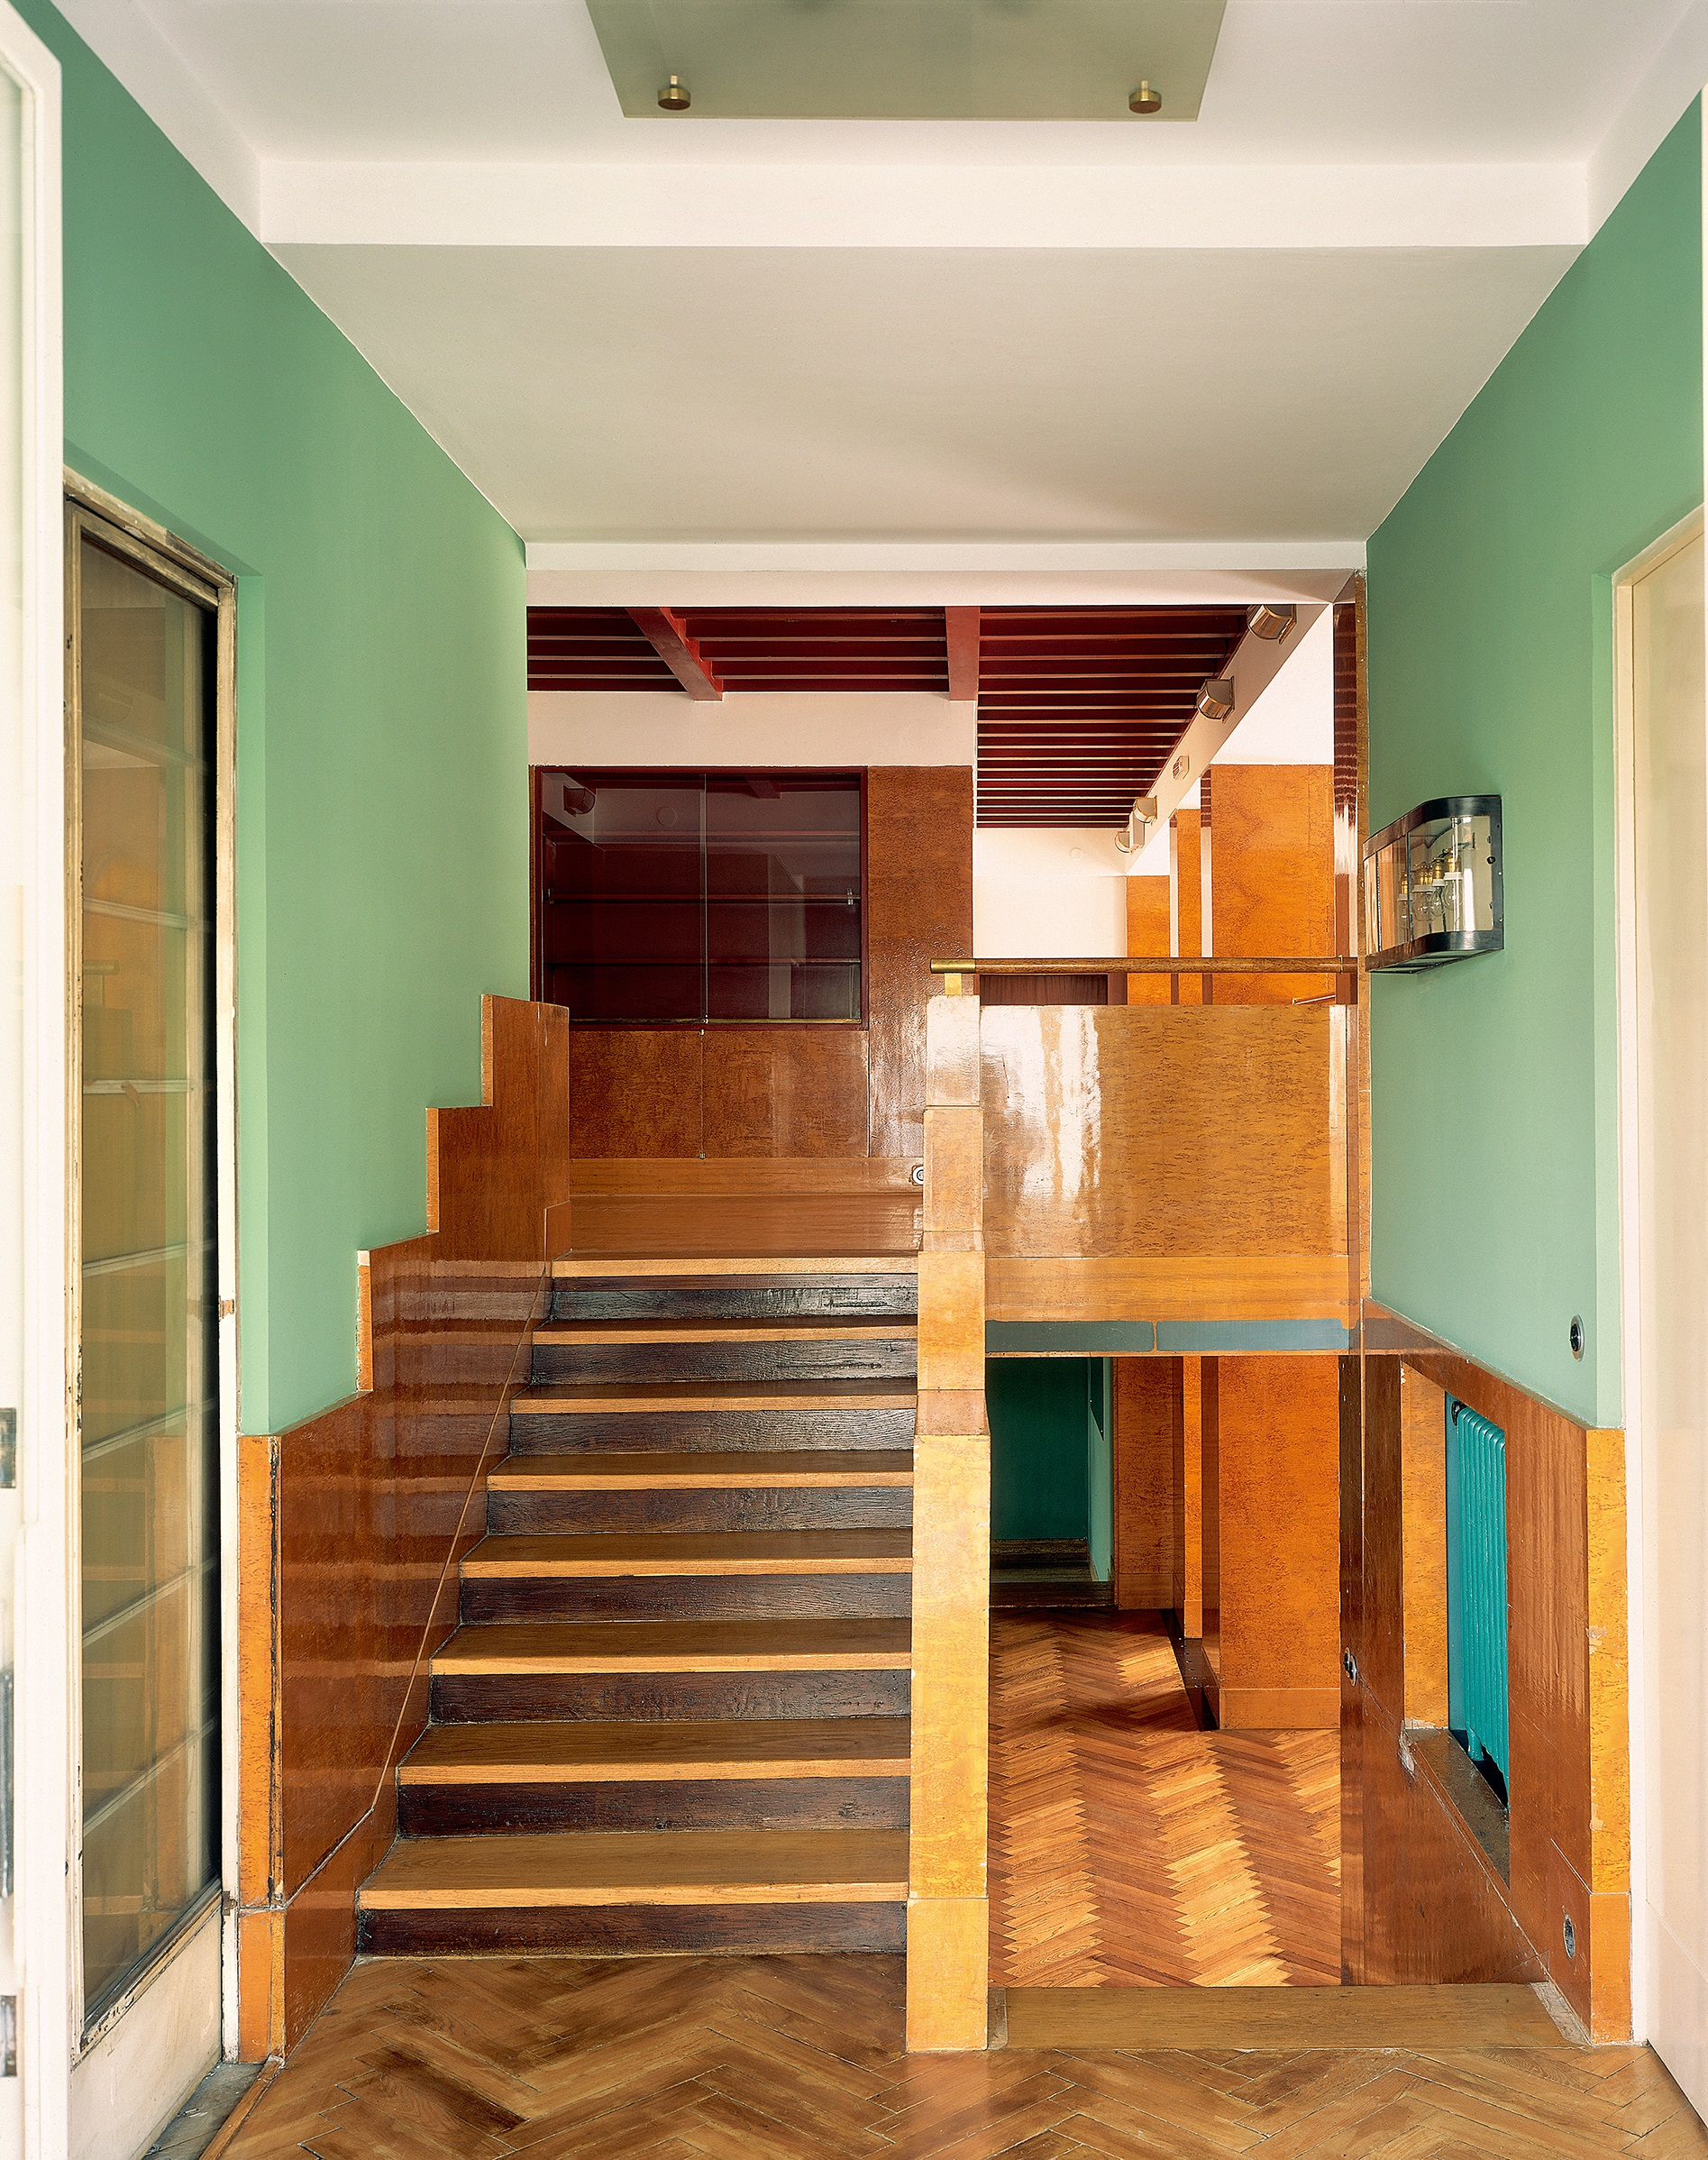 Vstupní hala Semlerova bytu a schodiště do mezipatra, Klatovská ulice, Plzeň